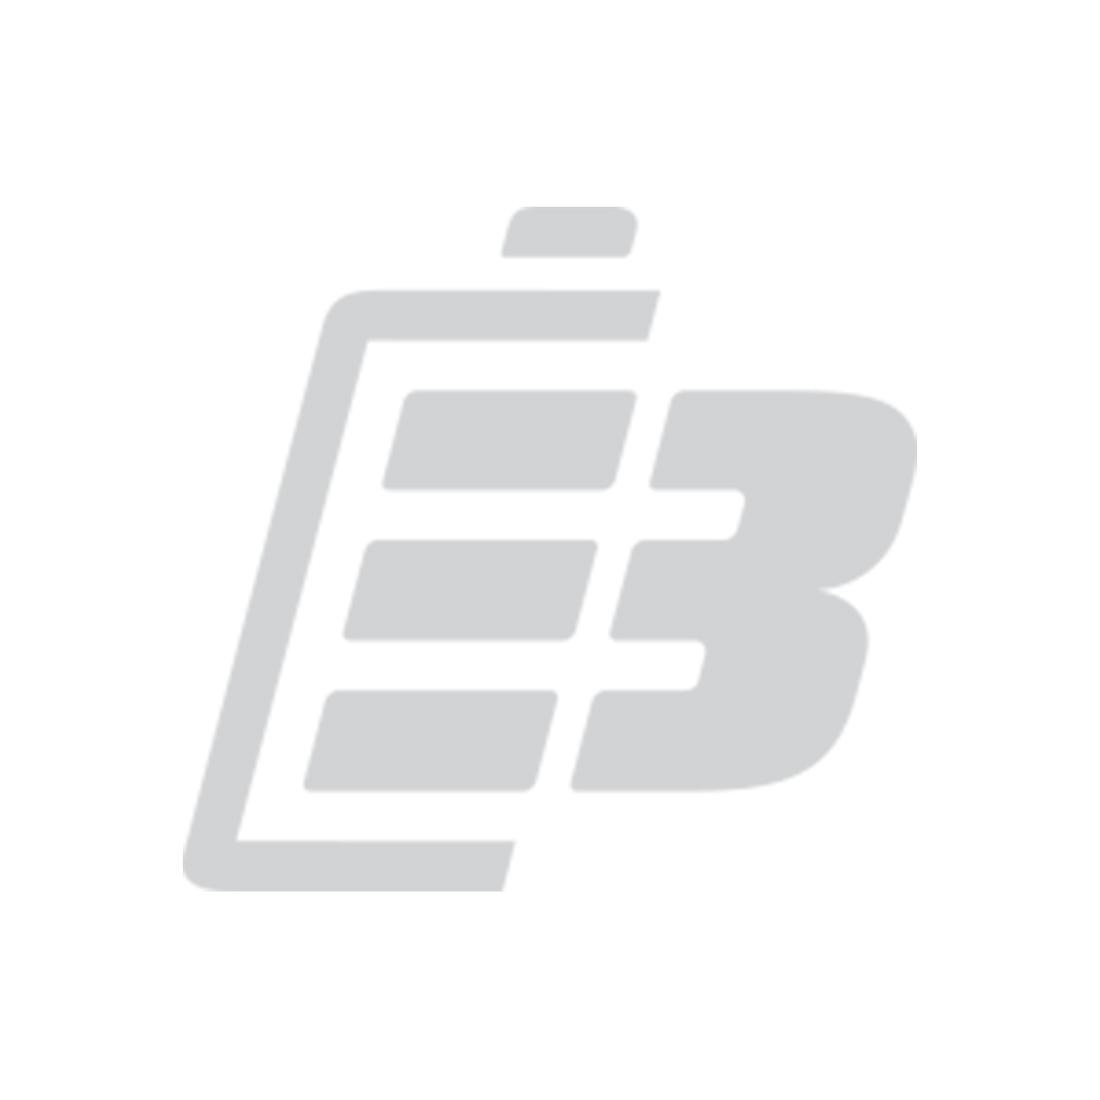 Μπαταρία ασύρματου τηλεφώνου Siemens Gigaset 3000 Micro_1